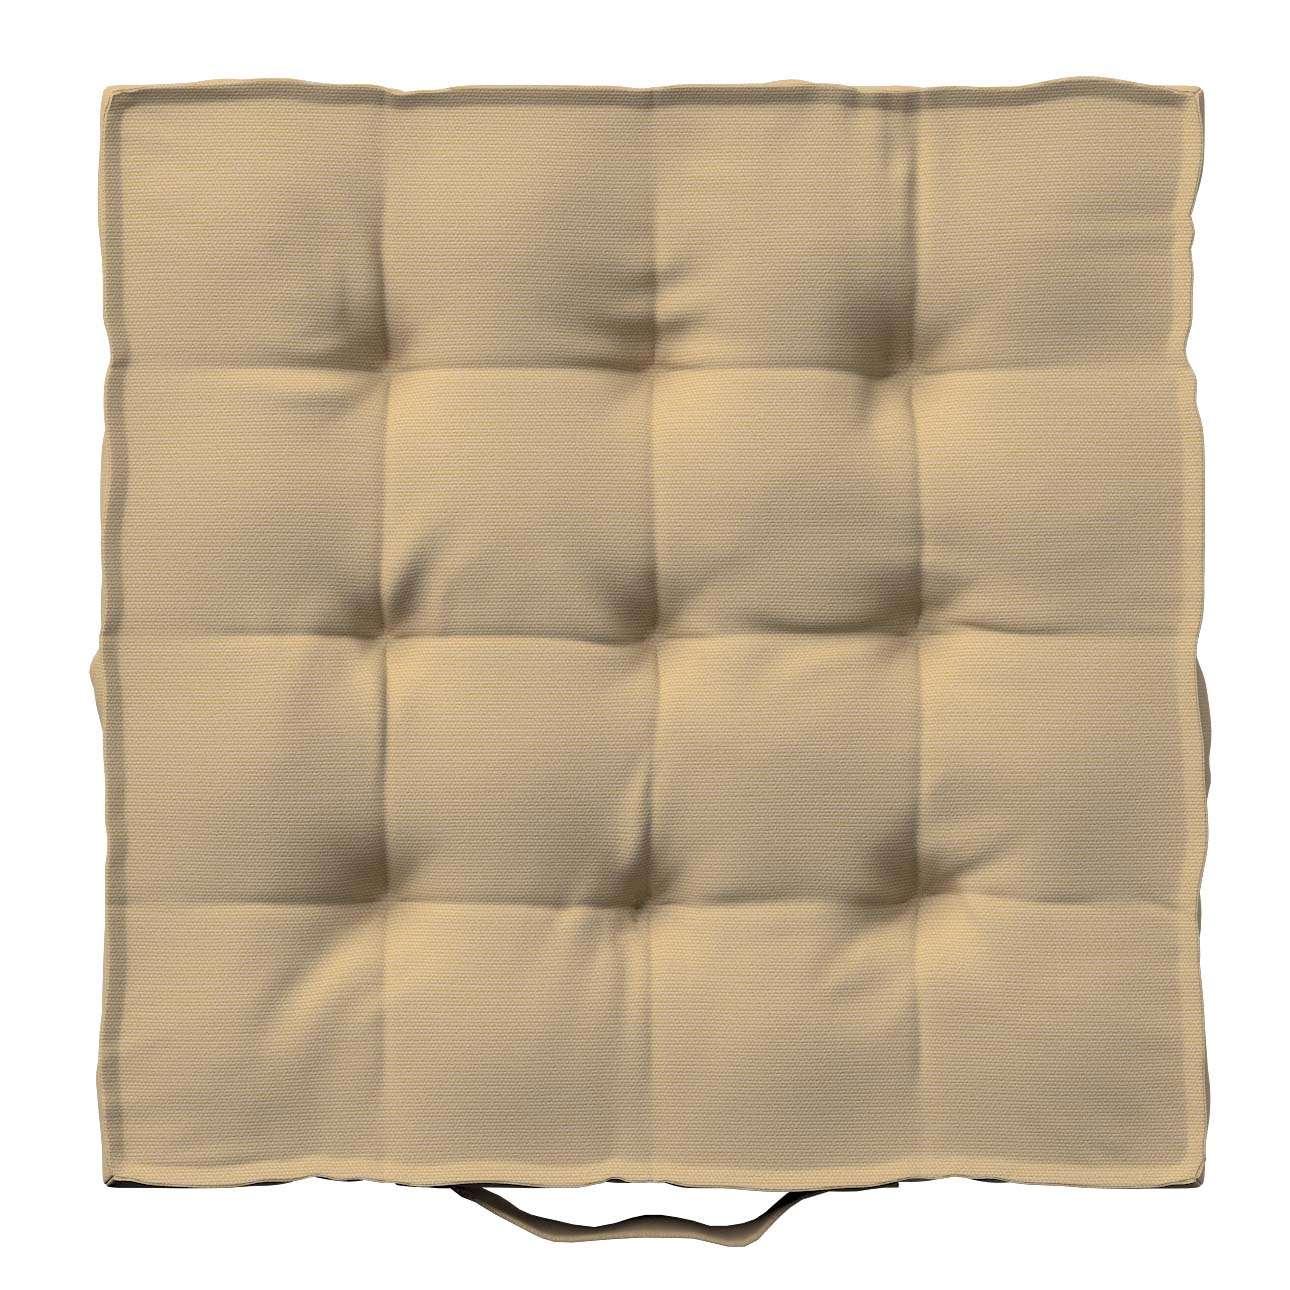 Pagalvėlė Kuba kėdei/ant grindų 40 x 40 x 6 cm kolekcijoje Cotton Panama, audinys: 702-01